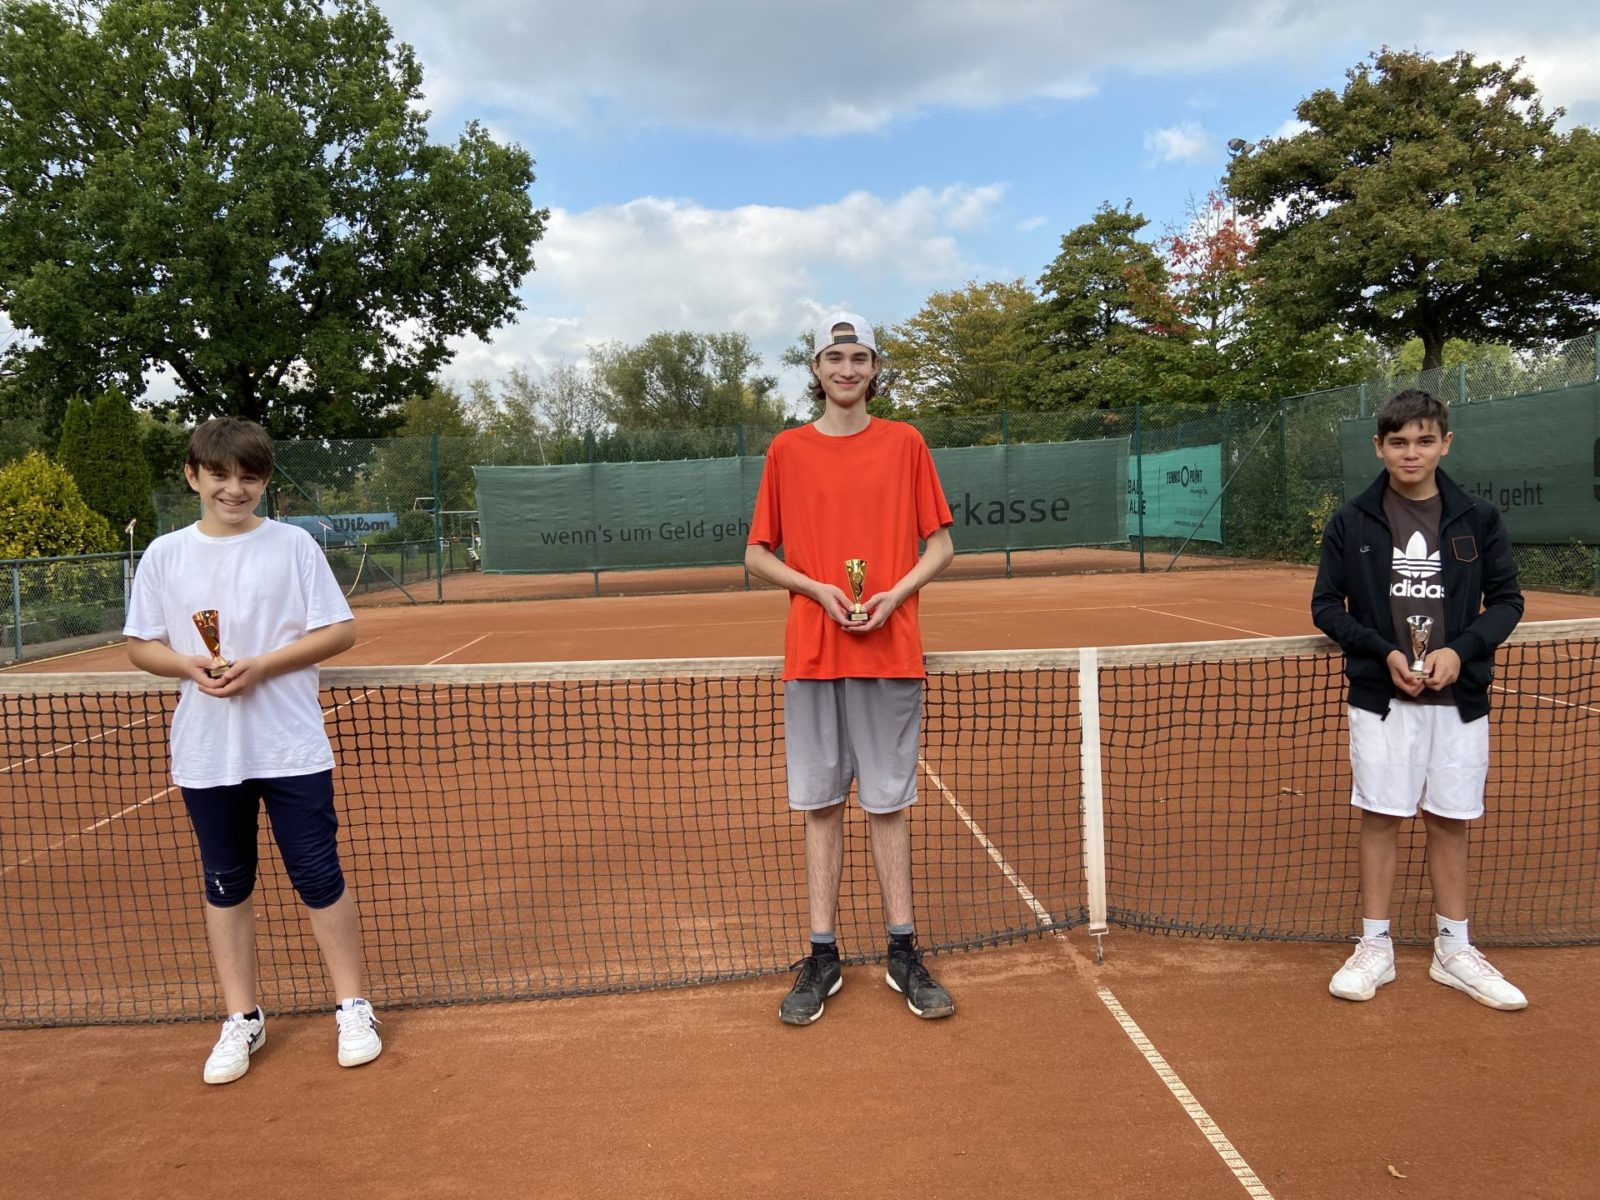 U15 Junioren: Gerret, Max und Leopold (von links nach rechts)